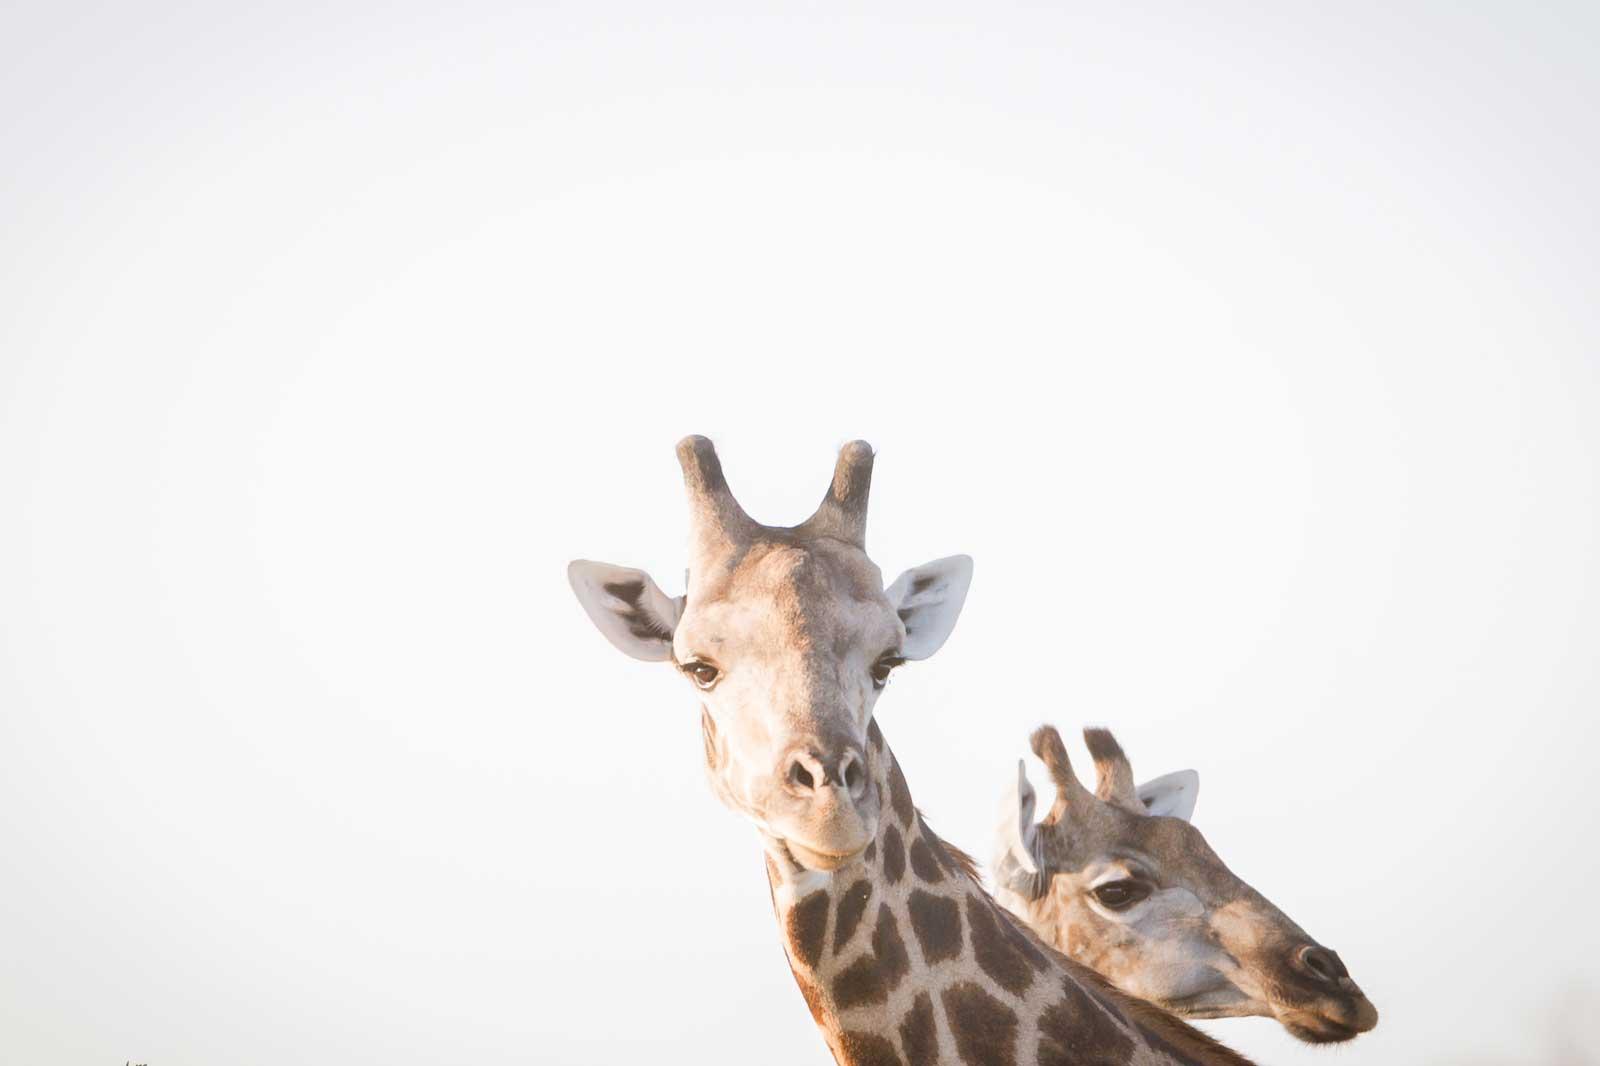 Giraffe at RAW Botswana, Motswiri Camp